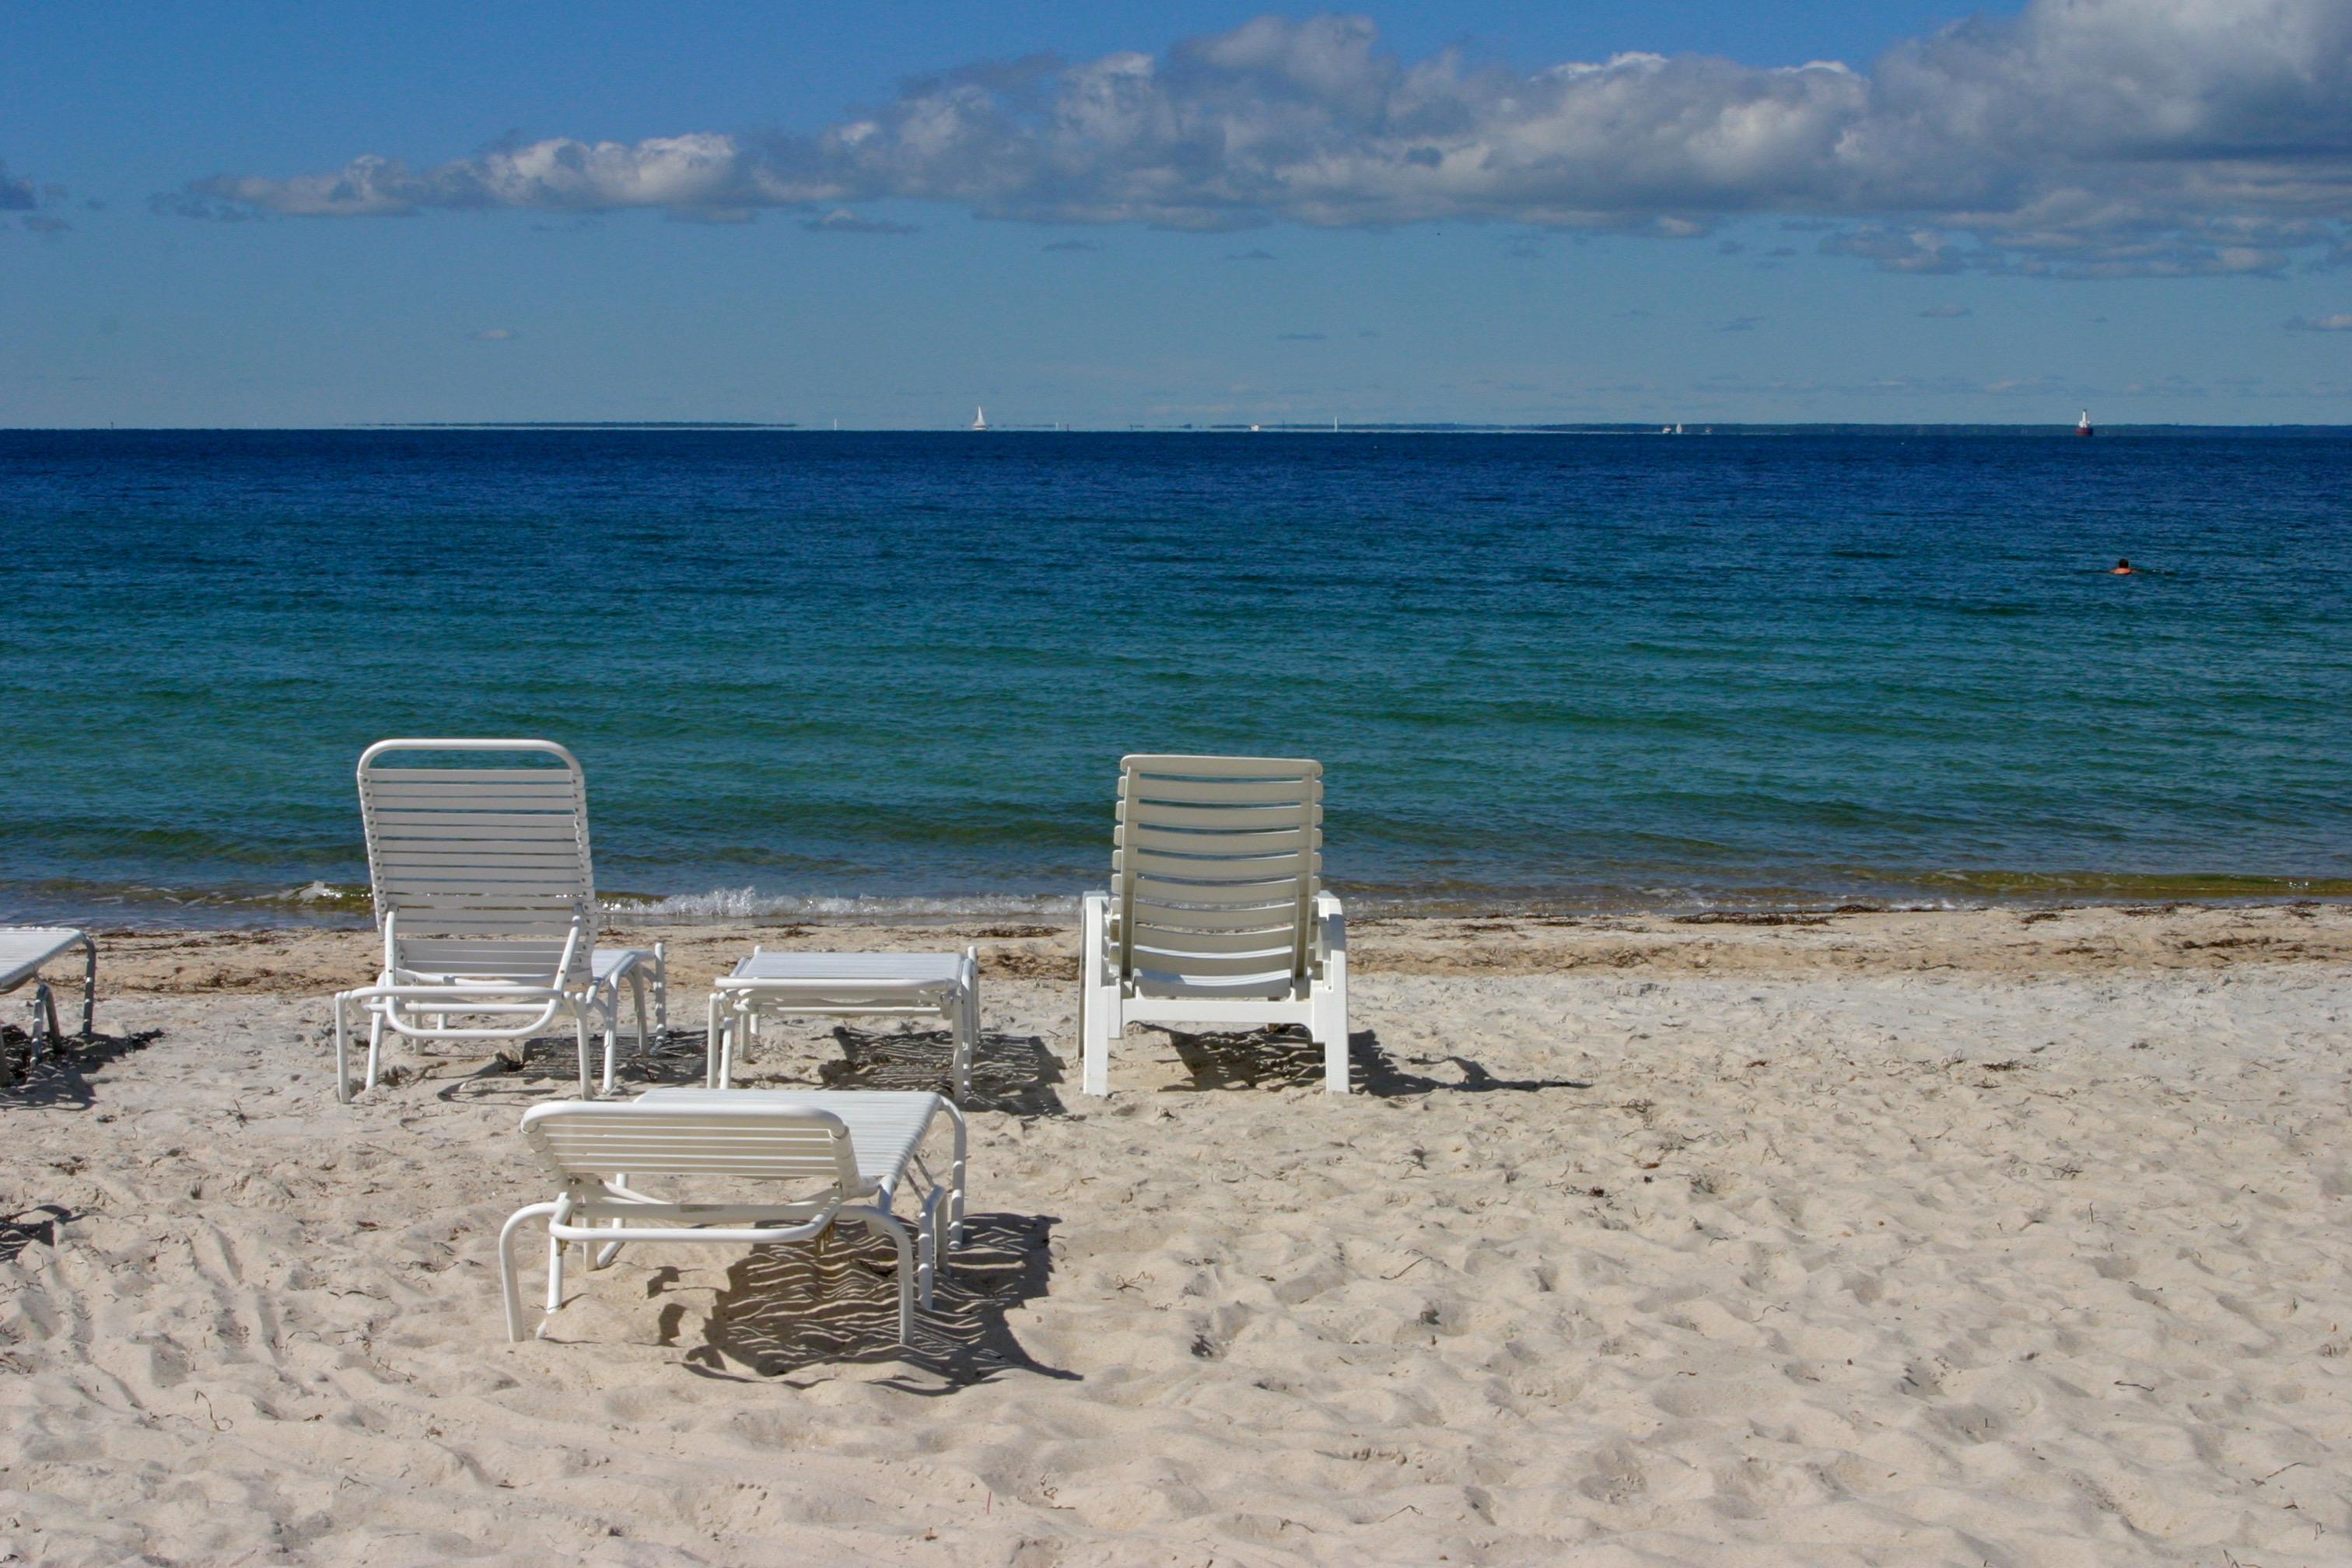 Falmouth Beach, MA